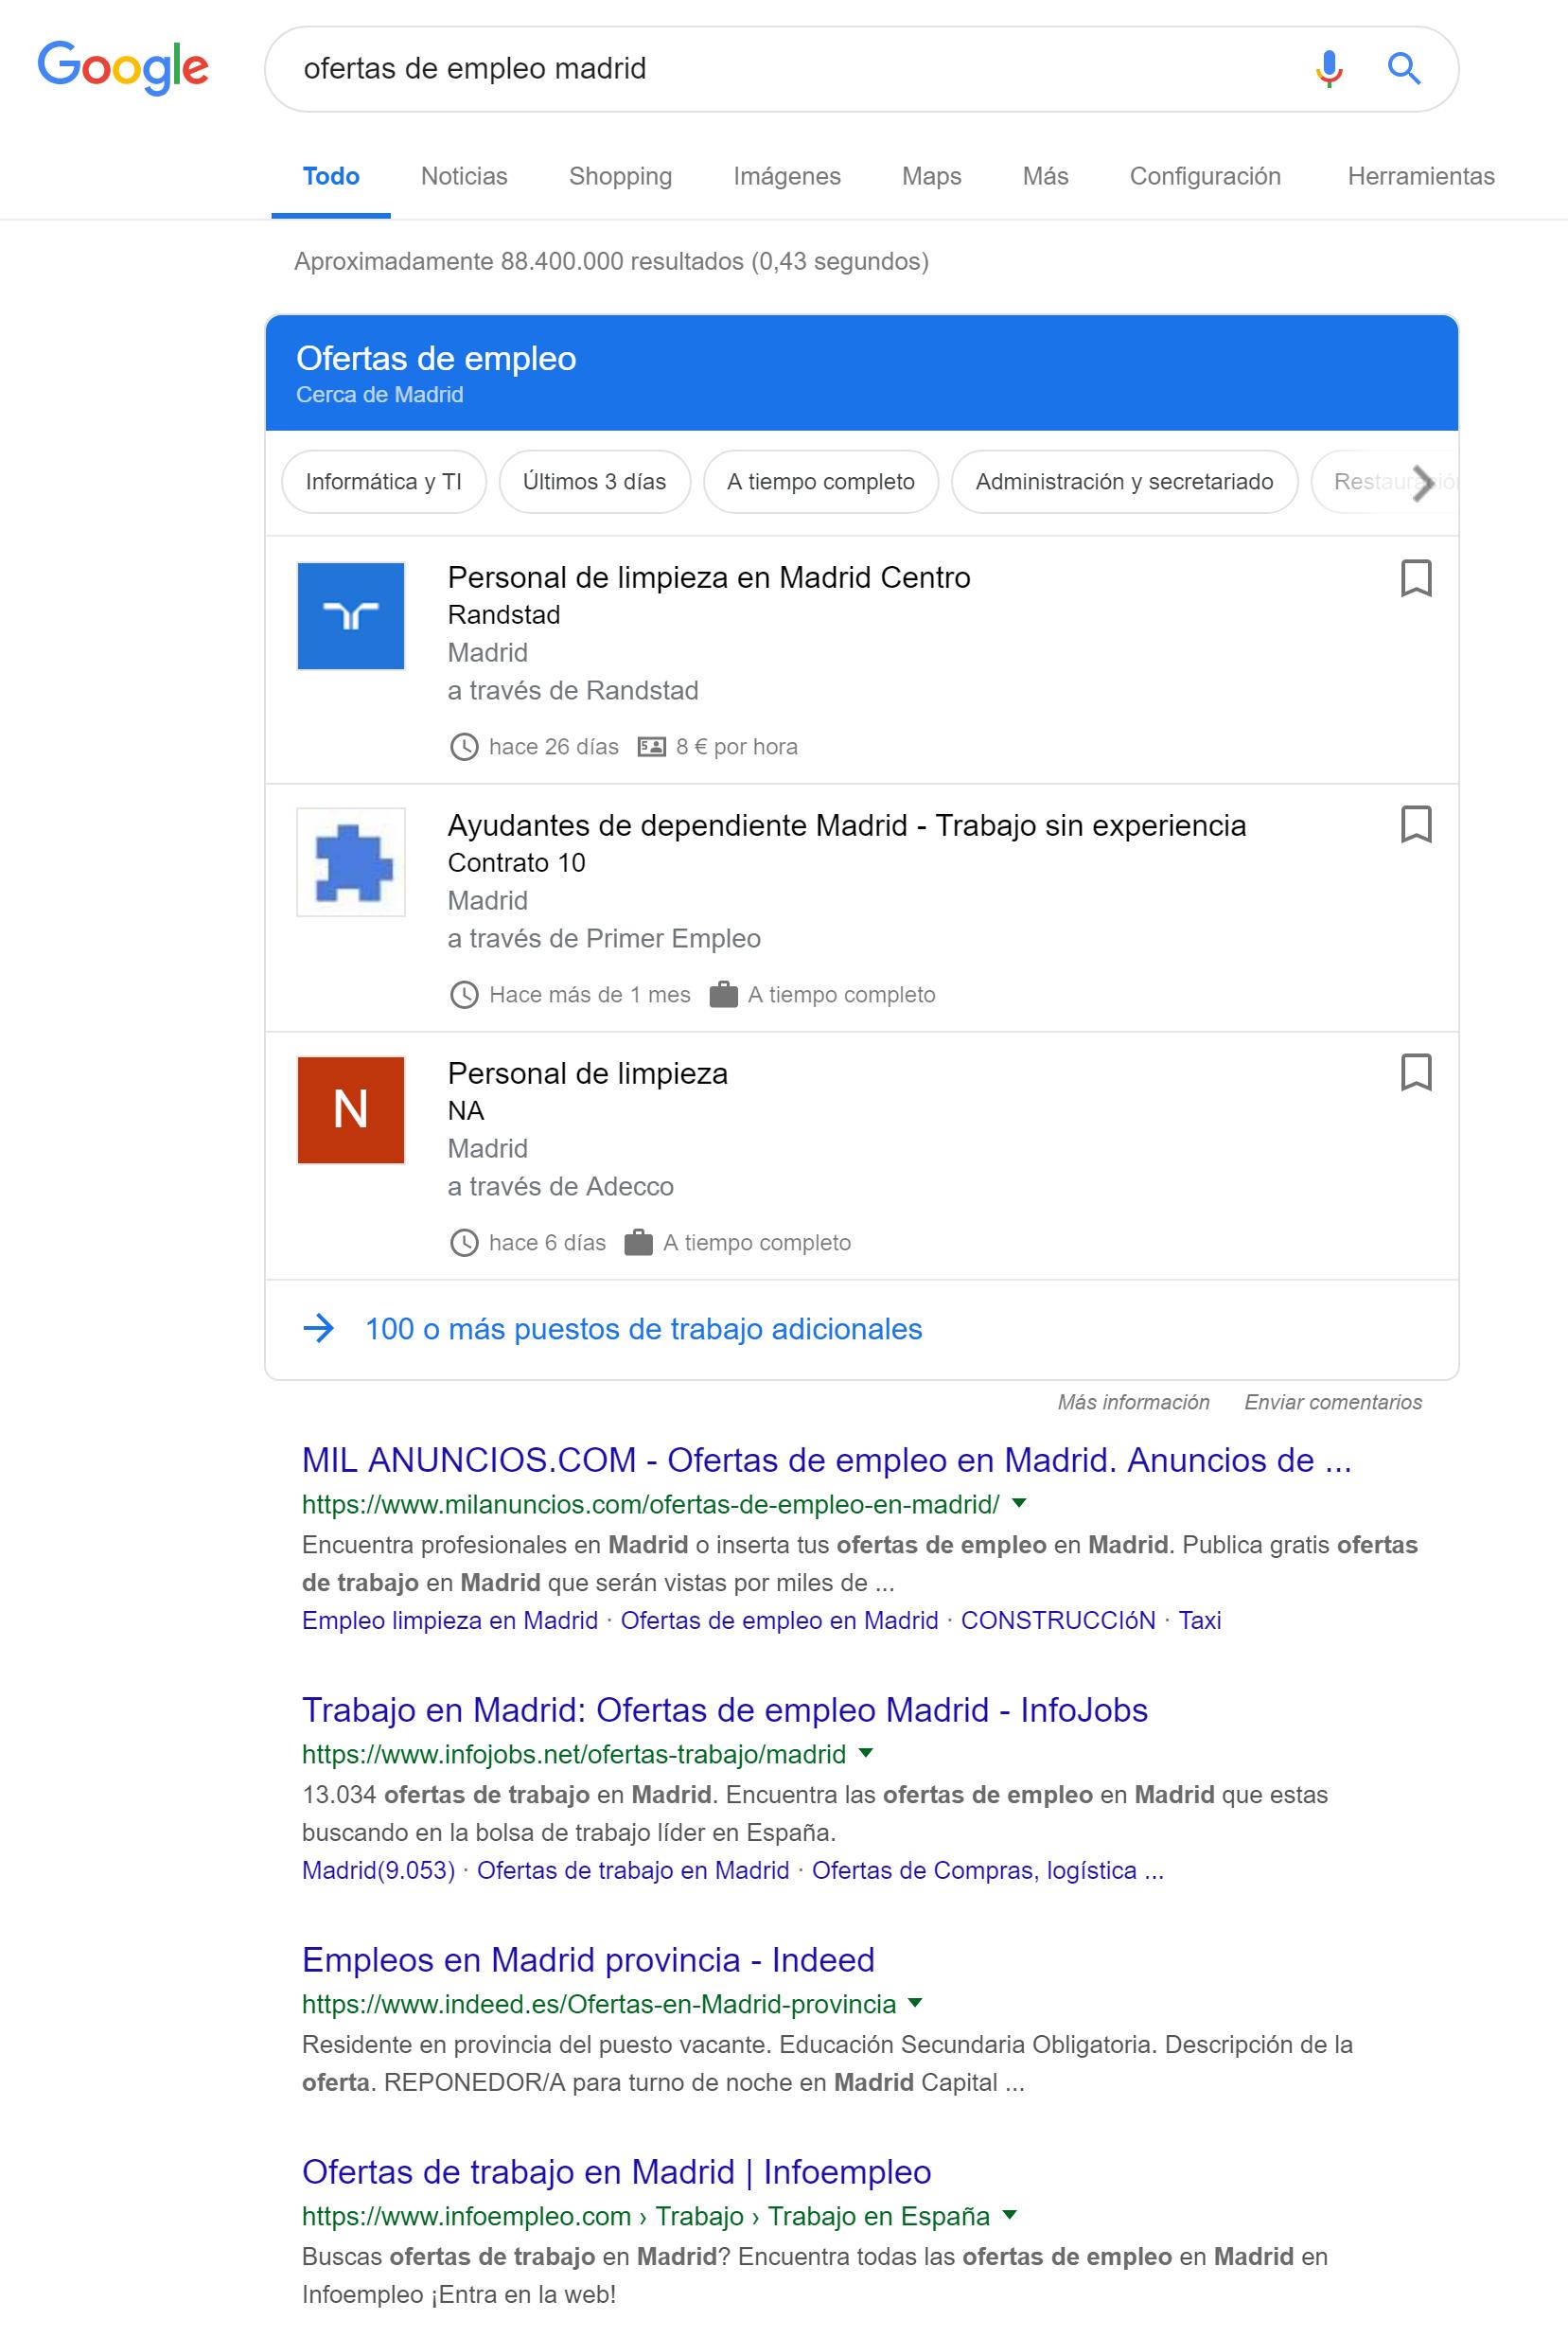 Google Jobs en los resultados de búsqueda